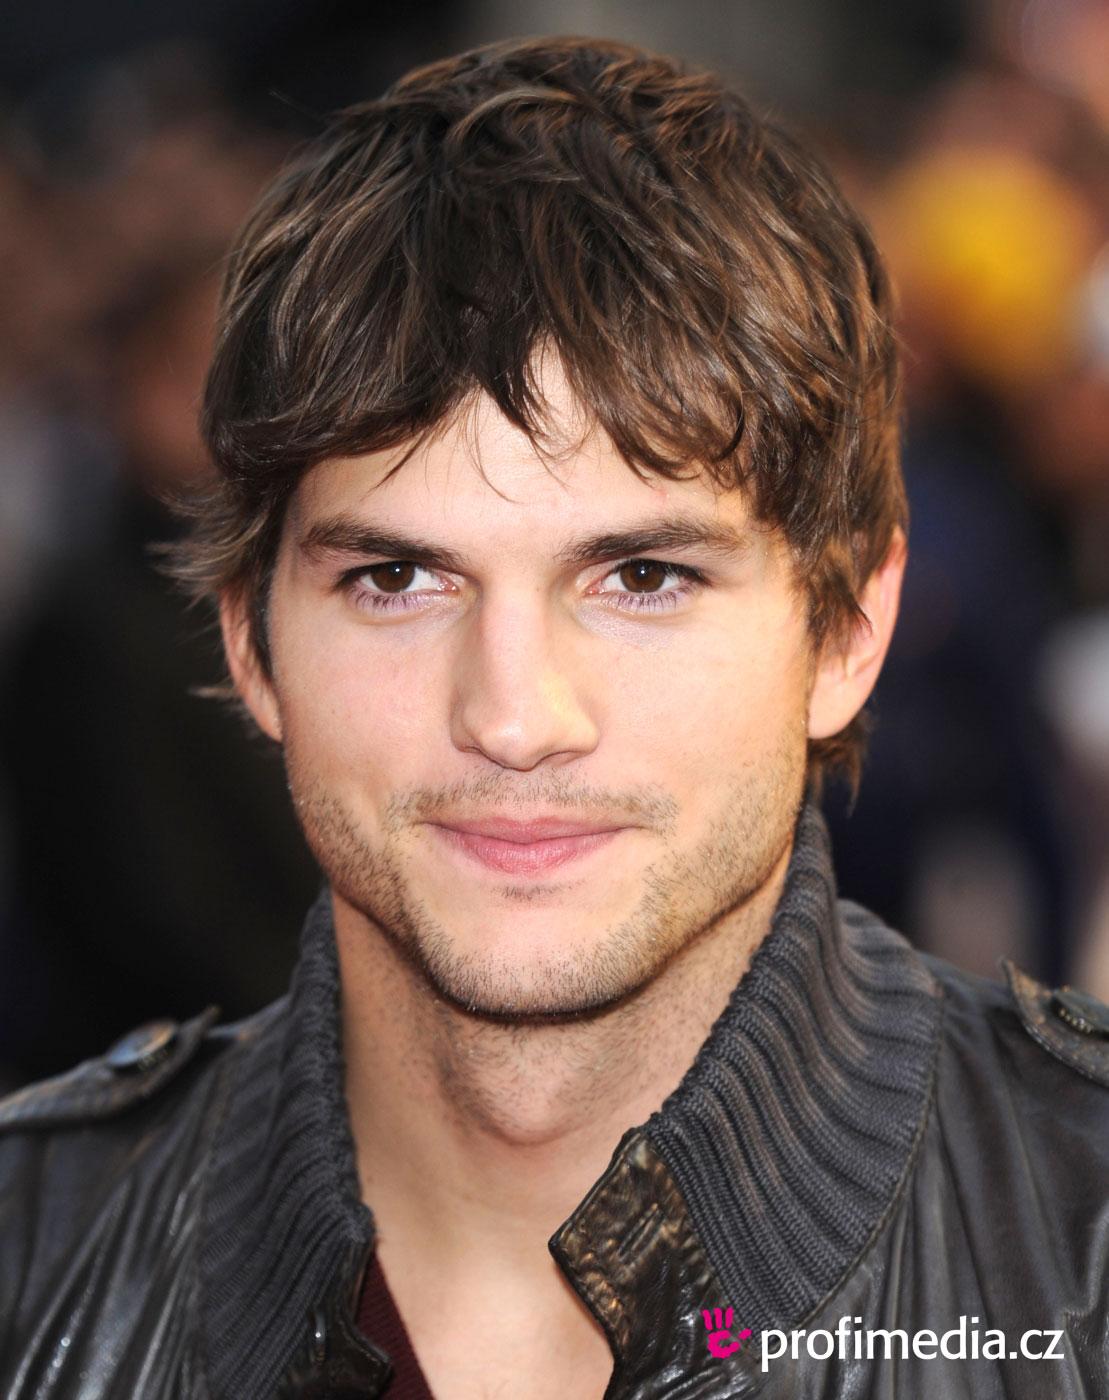 http://3.bp.blogspot.com/-6H0aruXu_rc/TpWFdDIeESI/AAAAAAAAAGc/EOEcz2eyt1w/s1600/kutcher2n308.jpg